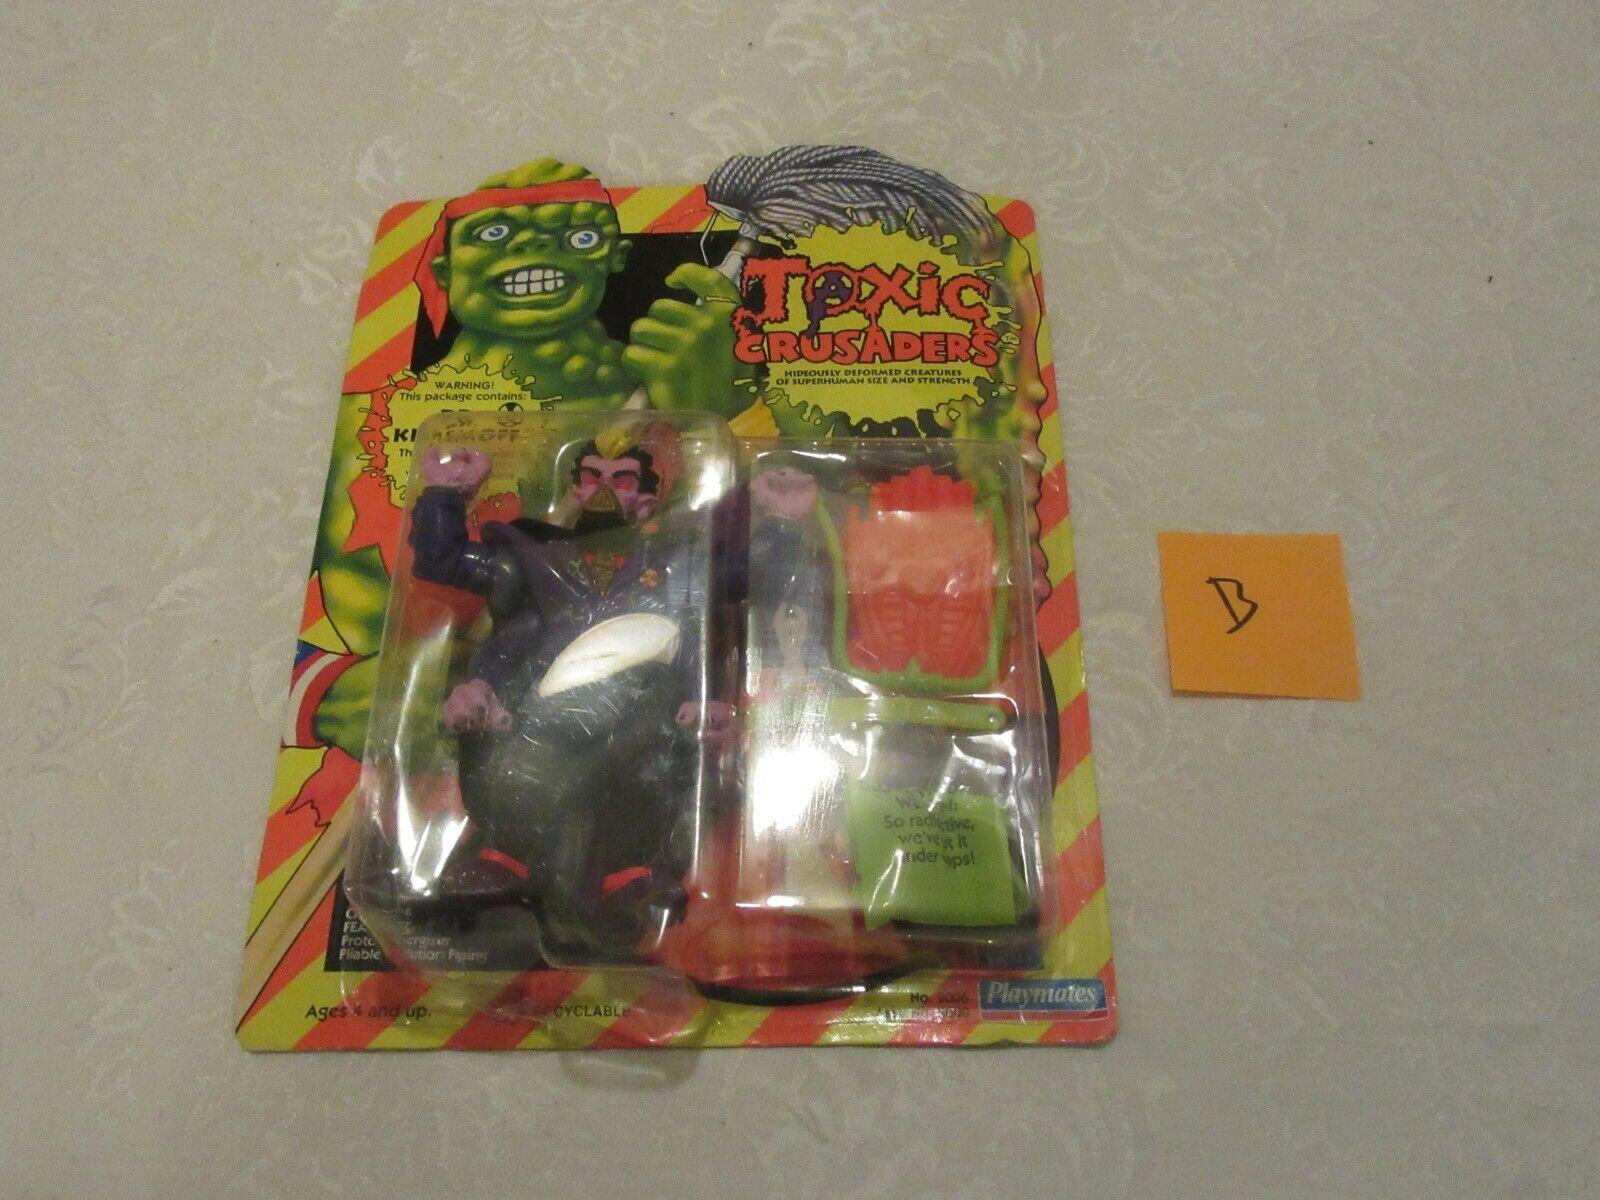 para barato Jugarmates tóxicos cruzados Dr Killemoff Killemoff Killemoff  2006 1991 no Pegatina ENLOMADOR B  venta